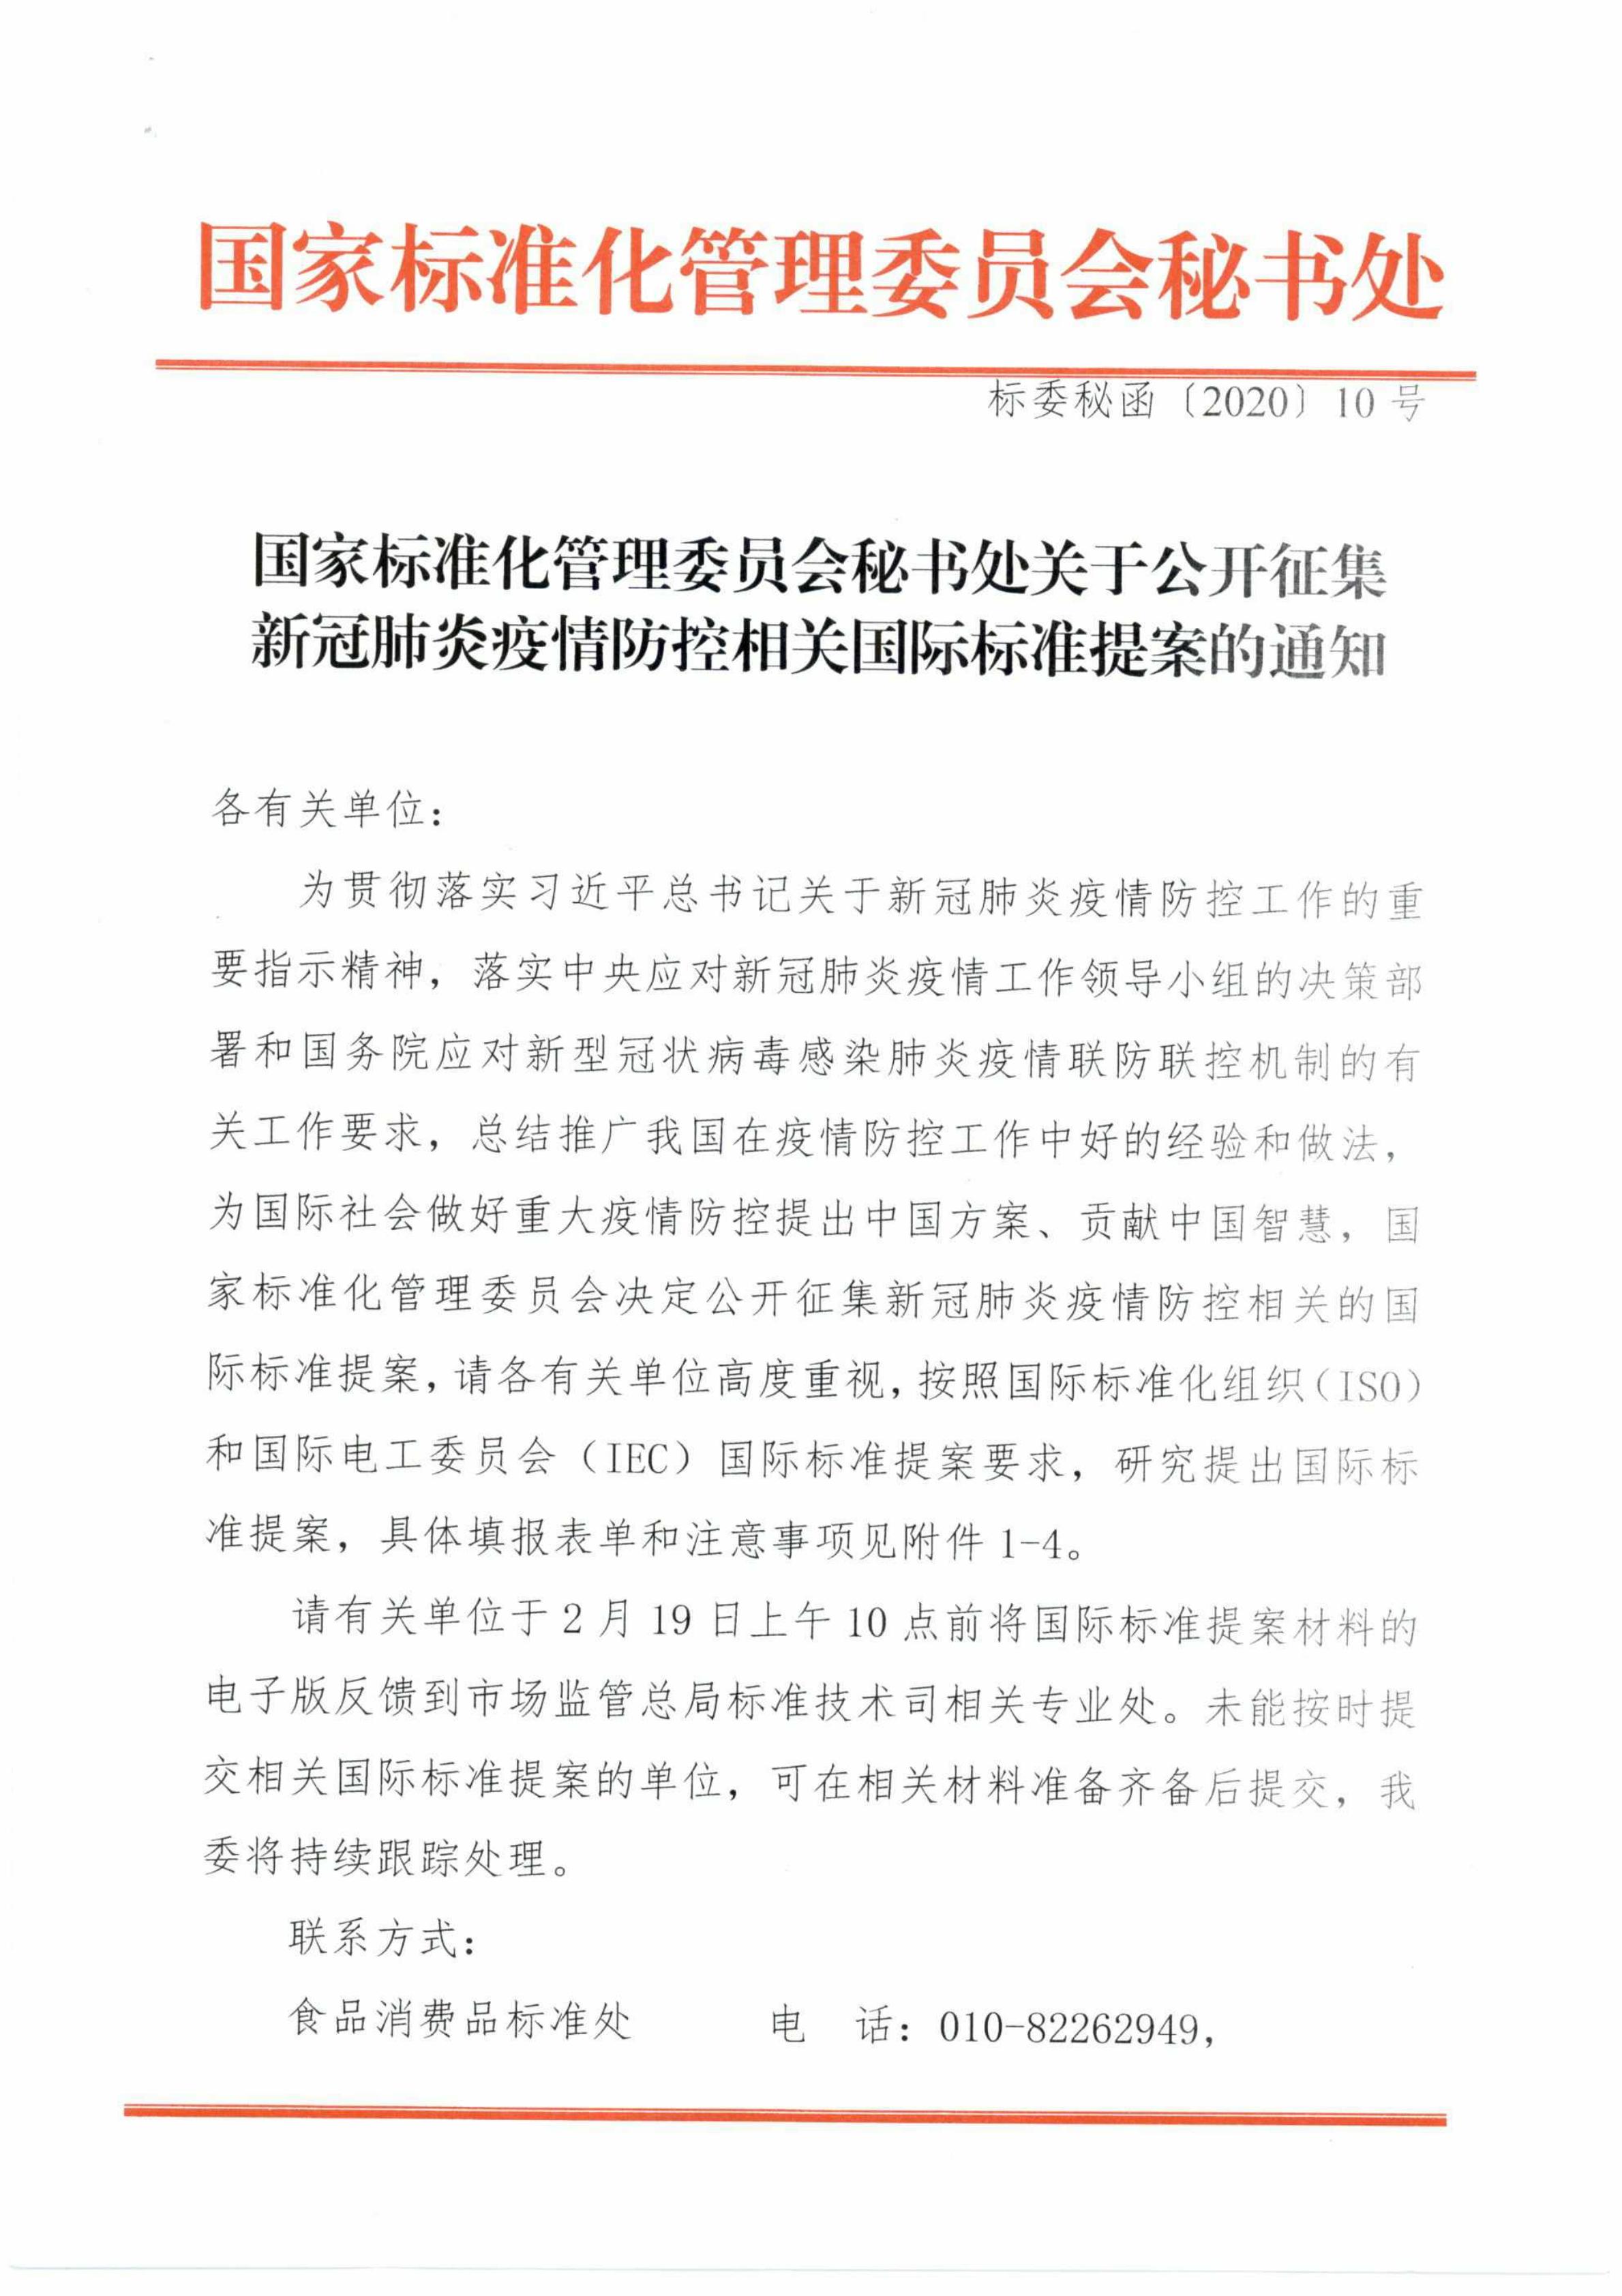 国家标准化管理委员会秘书处关于公开征集新冠肺炎疫情防控相关国际标准提案的通知_00